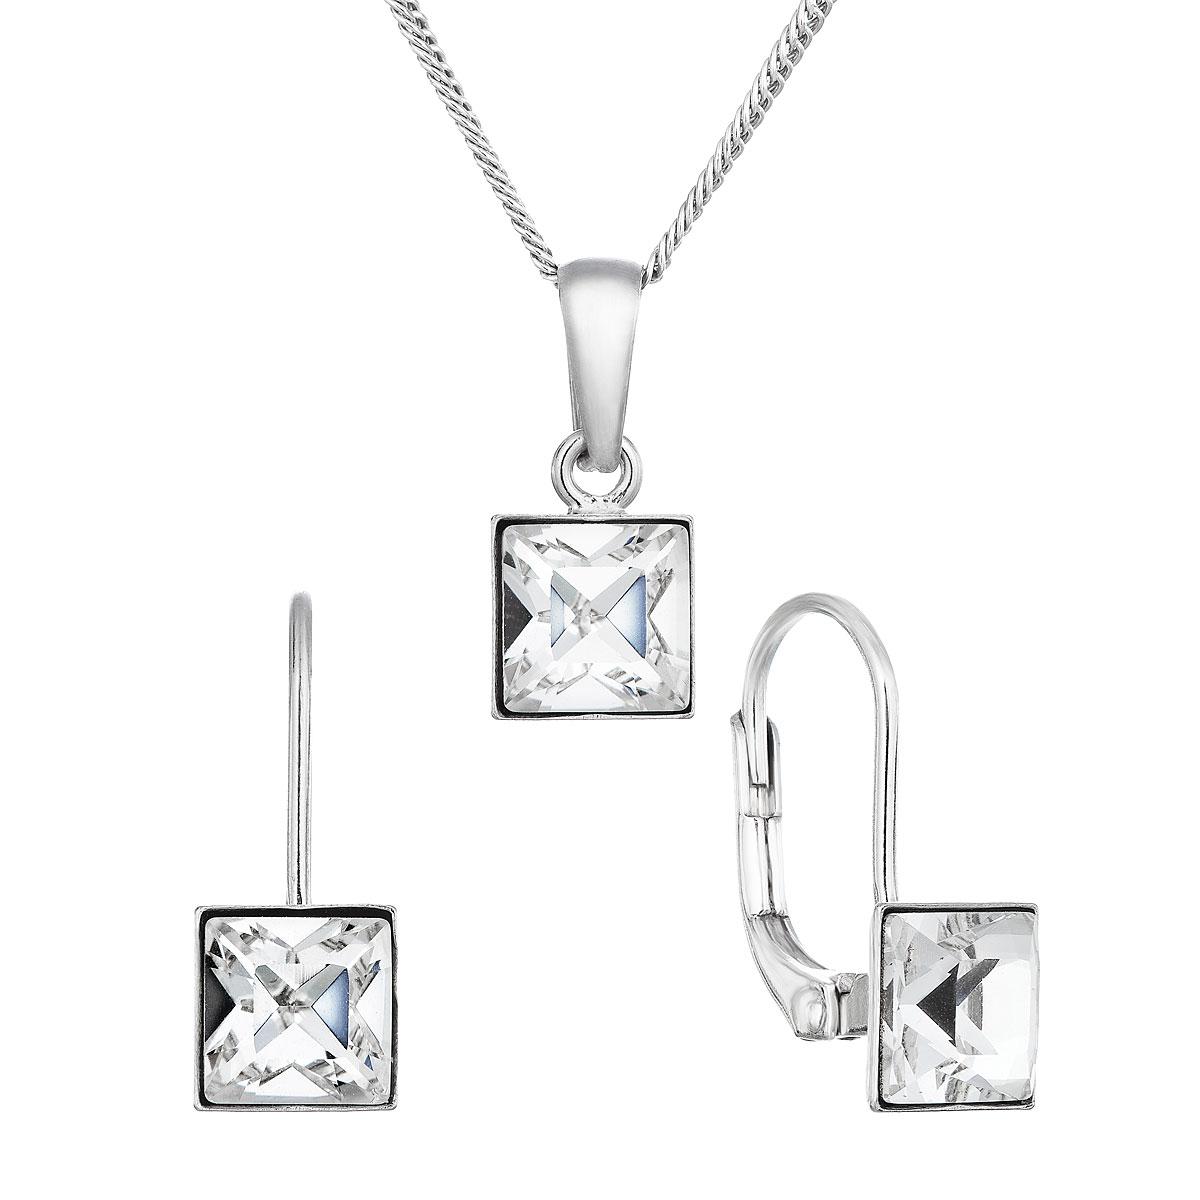 Sada šperkov s krištálmi Swarovski náušnice, retiazka a prívesok biela kostička 79037.1